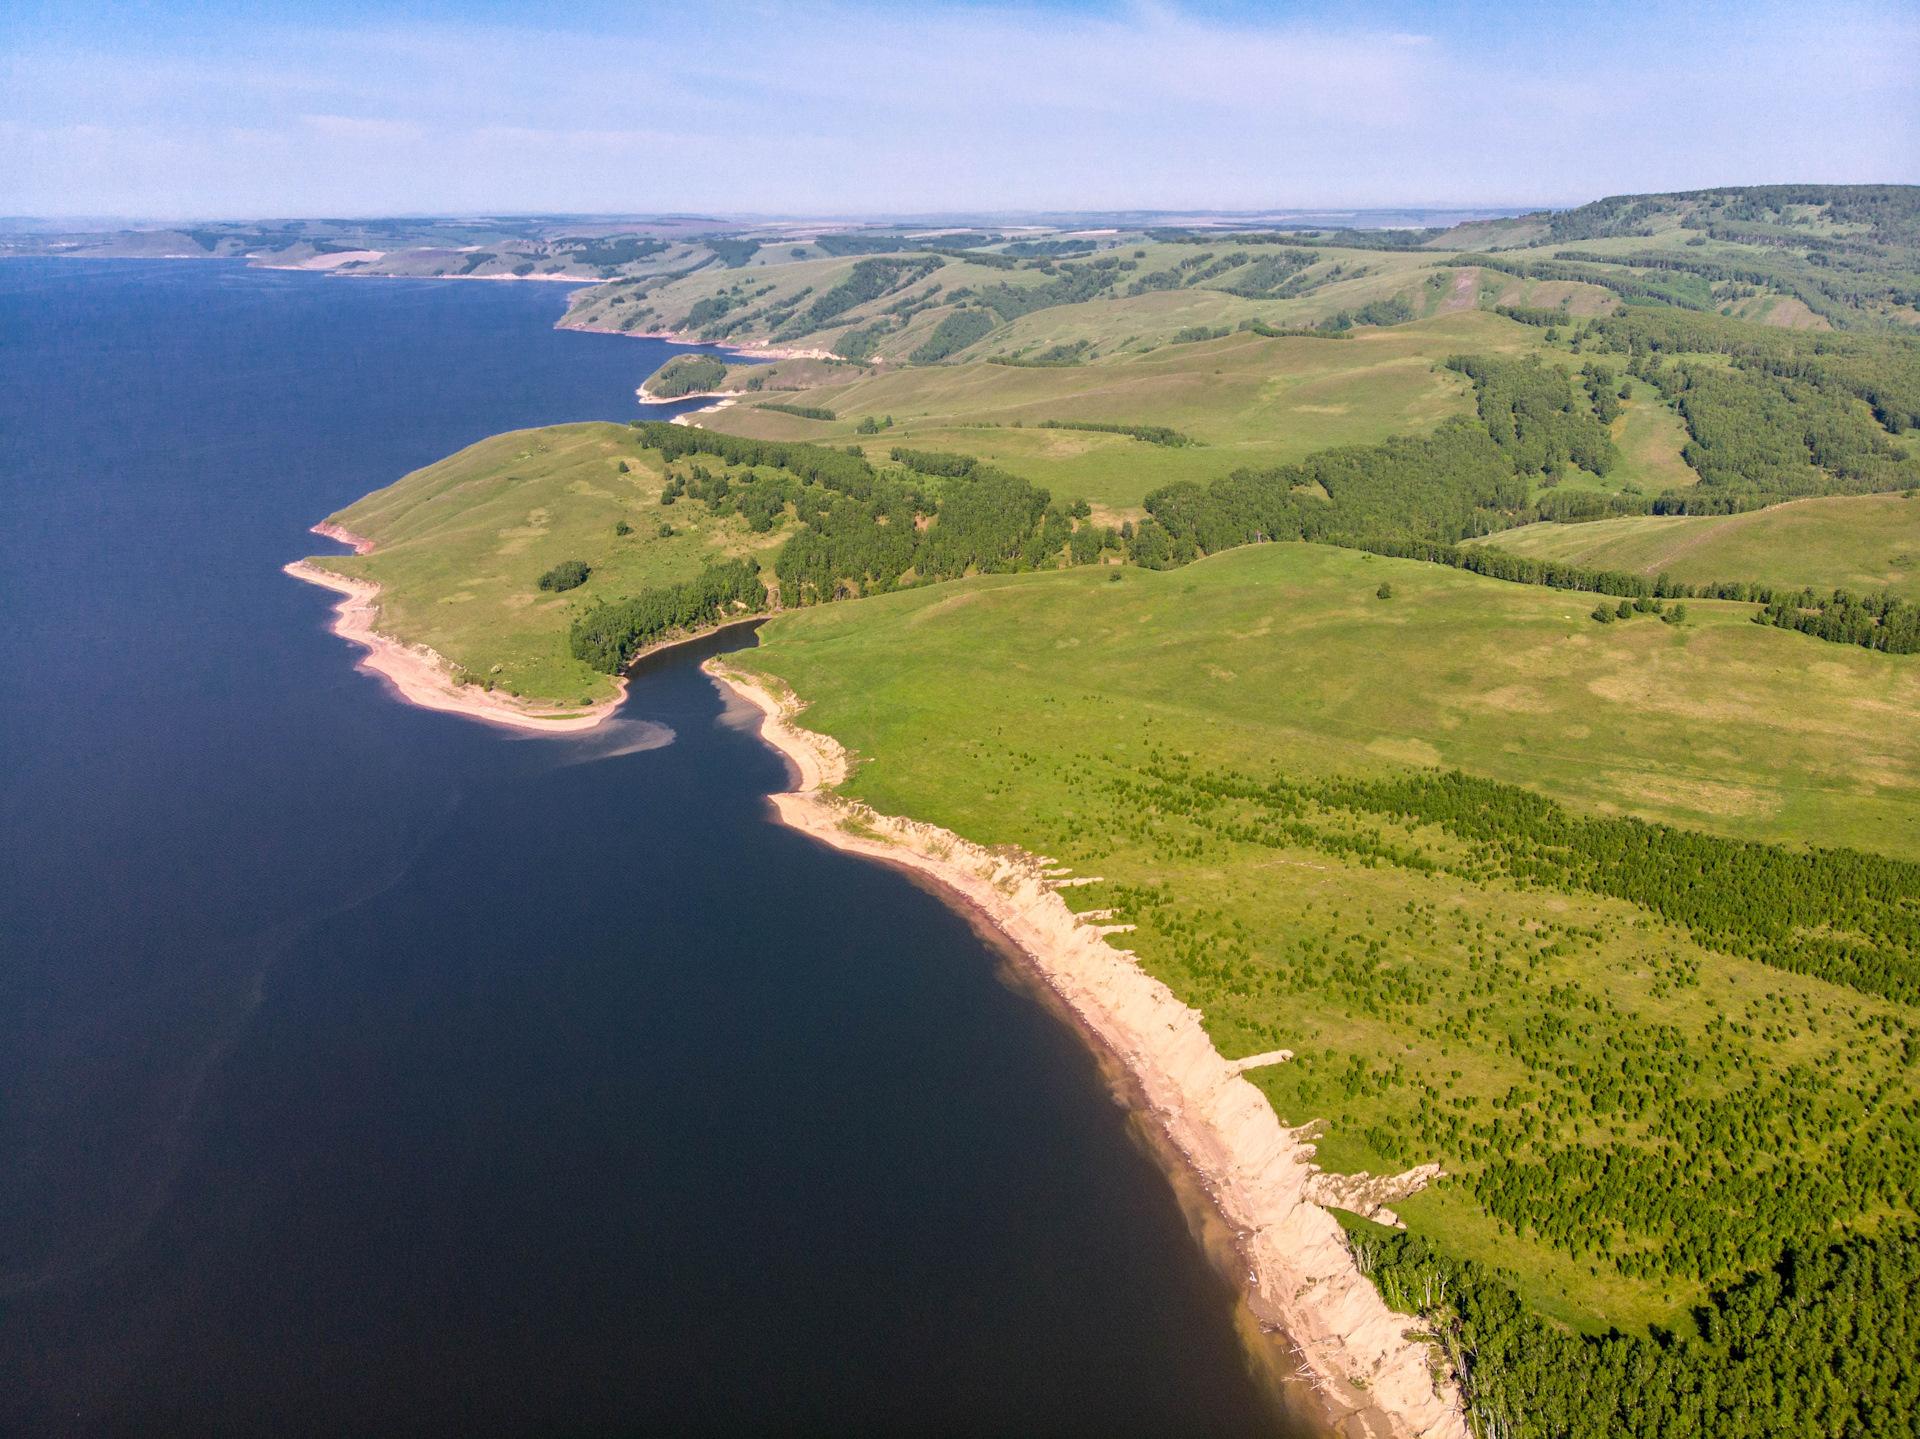 фотохимическим реакциям фото лебяжье красноярское море ключевых